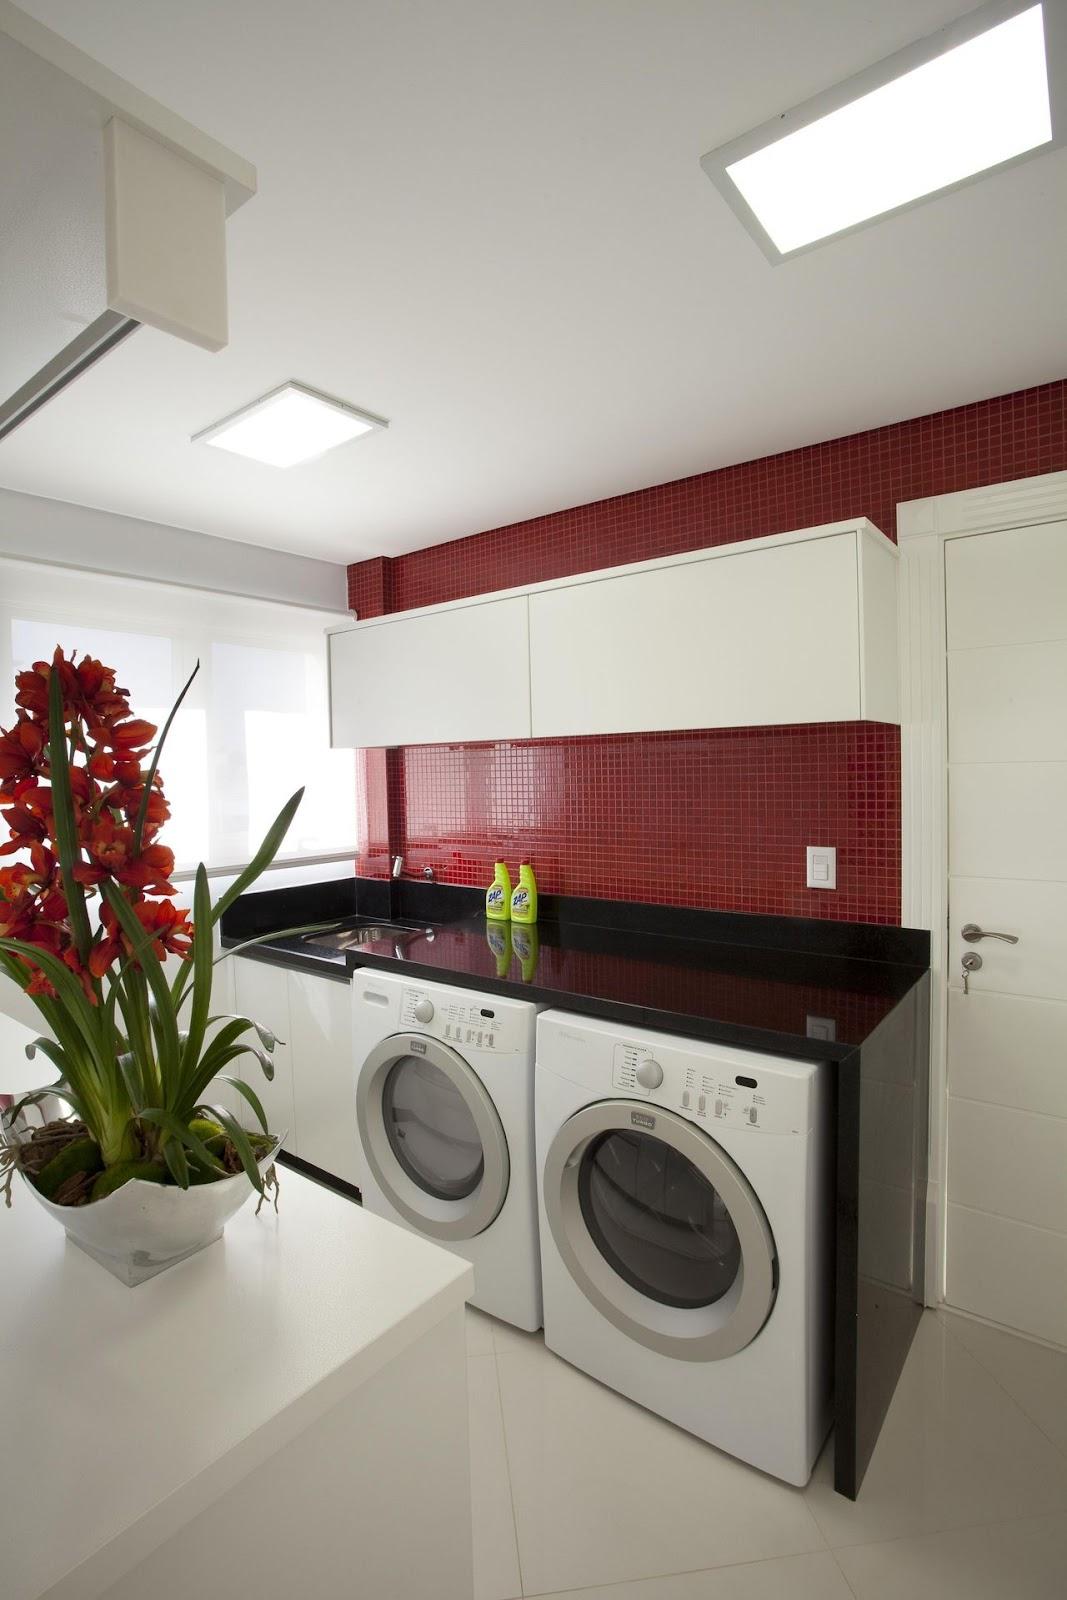 Imagem de uma área de serviços pequena, contendo uma pia, duas máquinas de lavar. O destaque se dá pela presença de azulejos vermelhos, valorizando o ambiente.